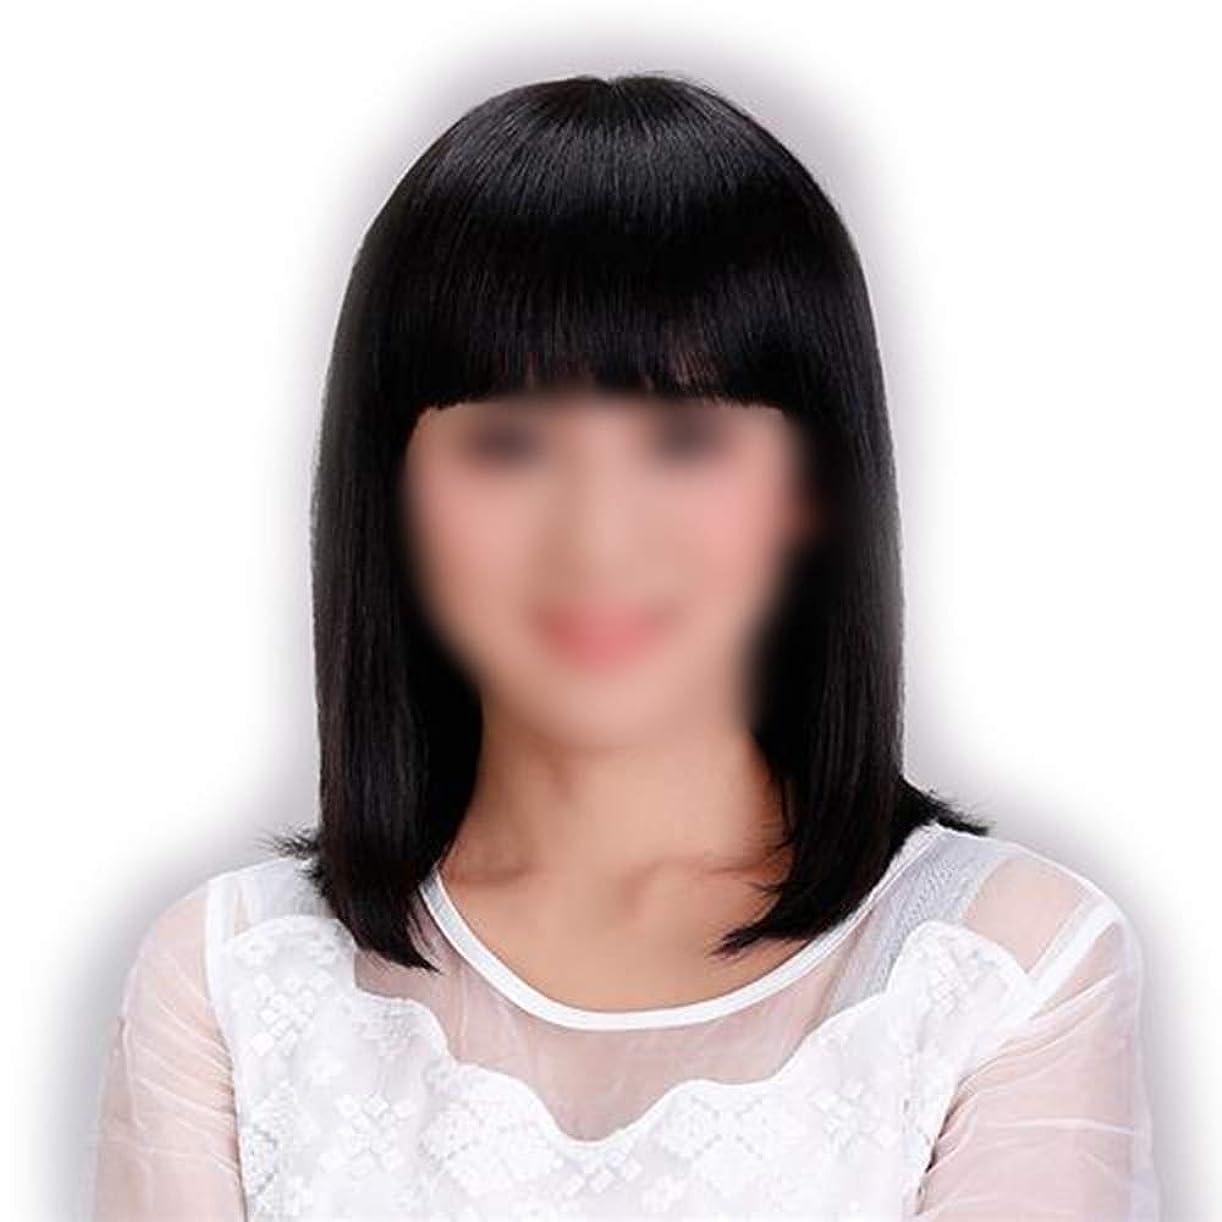 成人期屋内で悪性腫瘍BOBIDYEE レディースショルダーストレートヘア前髪付きリアルナチュラルスウィートフルウィッグコンポジットヘアレースウィッグロールプレイングウィッグロング&ショート女性自然 (色 : Dark brown)